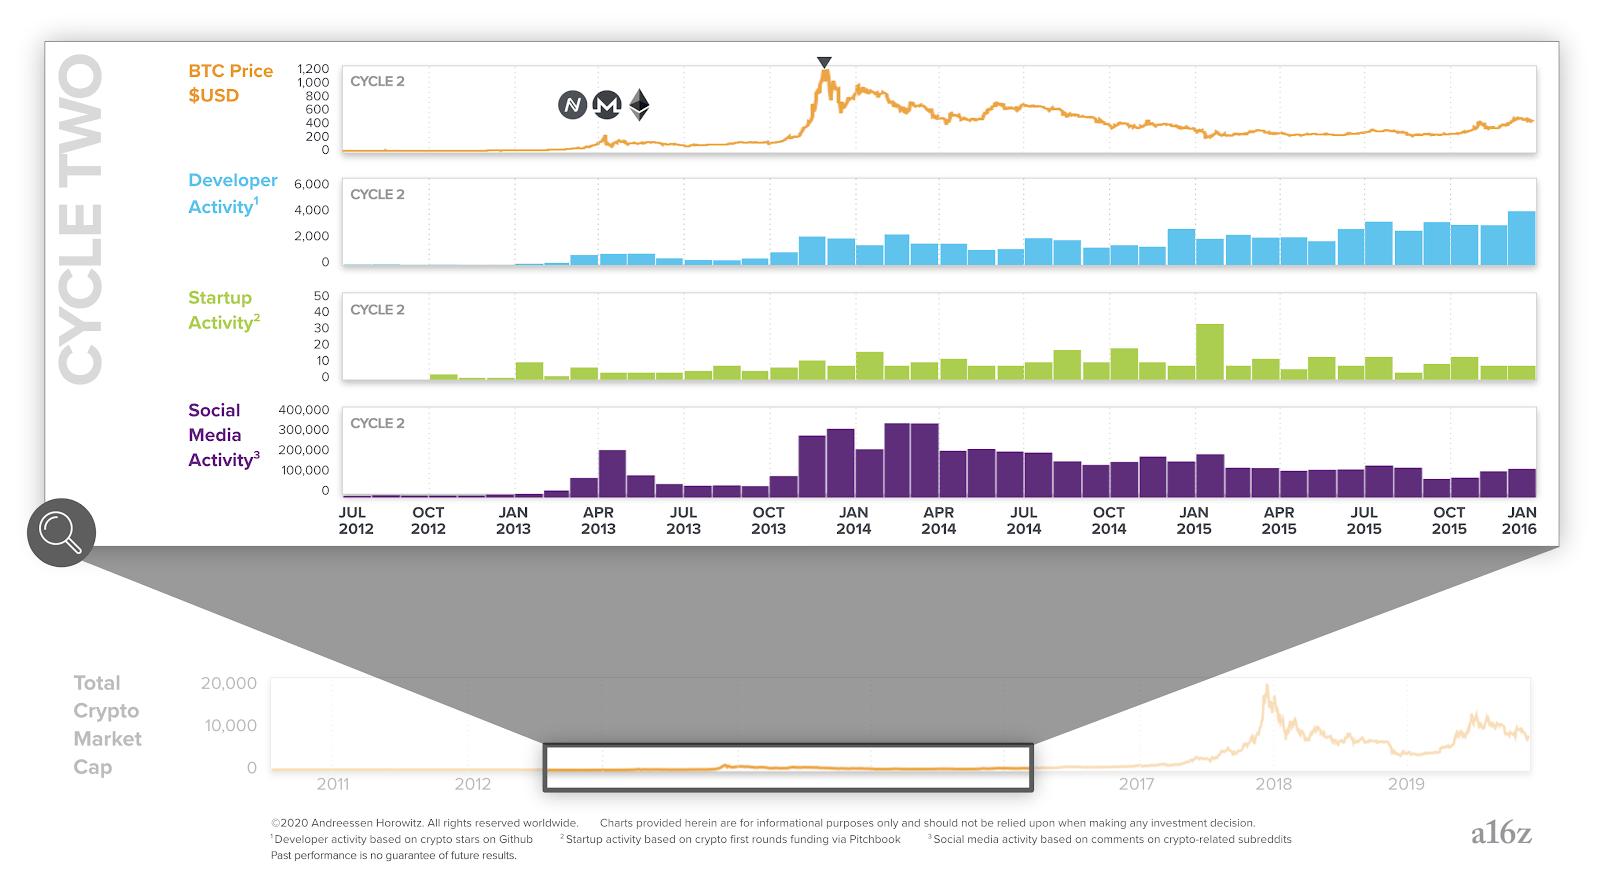 График второго цикла крипто-индустрии (2012−2016 годы)